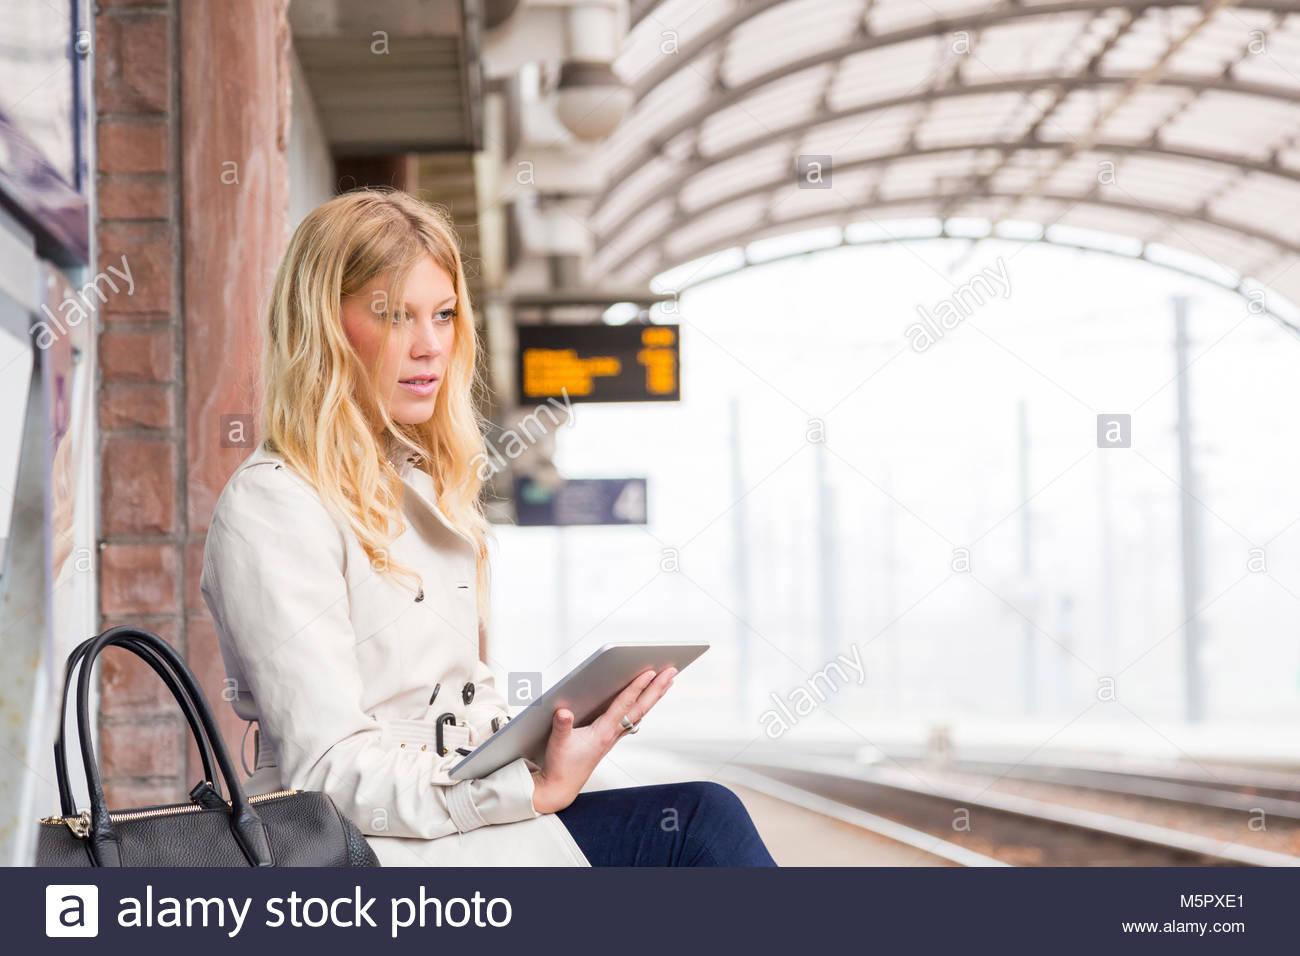 Attraktive junge Frau warten auf einen Zug Stockfoto